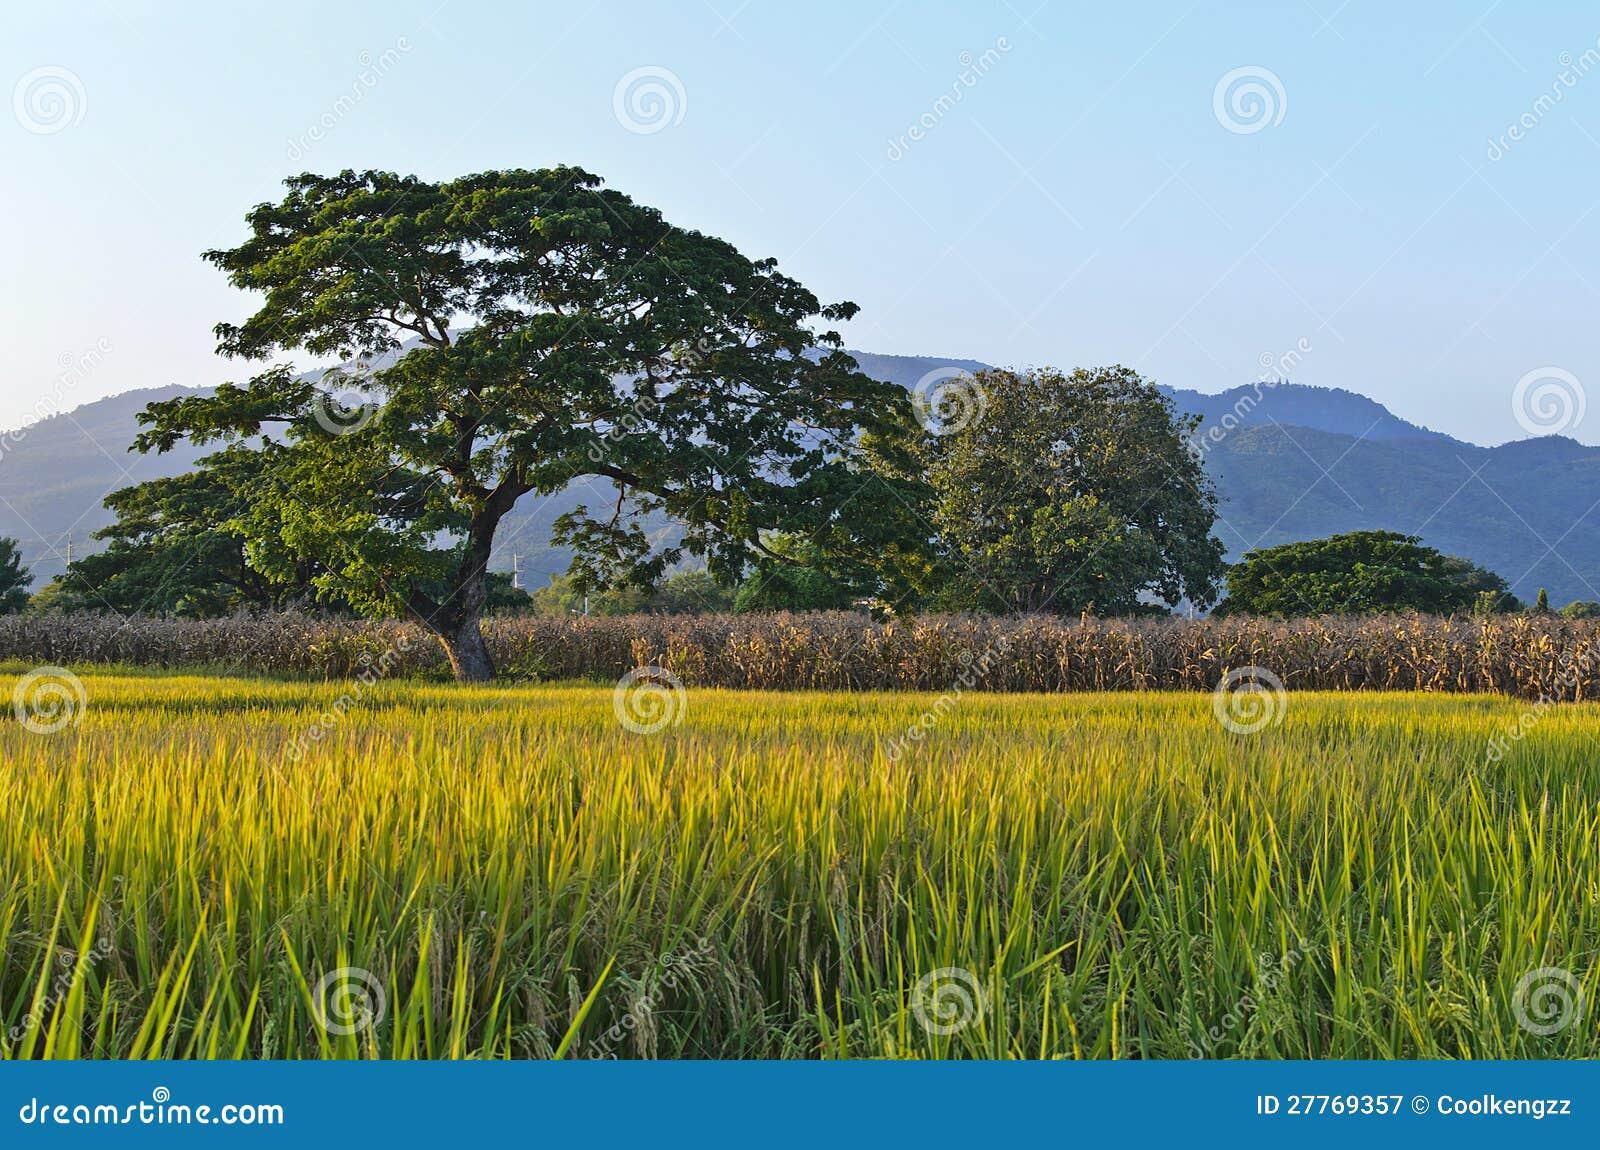 Ferme de riz avec le fond de montagne (Lanscape)